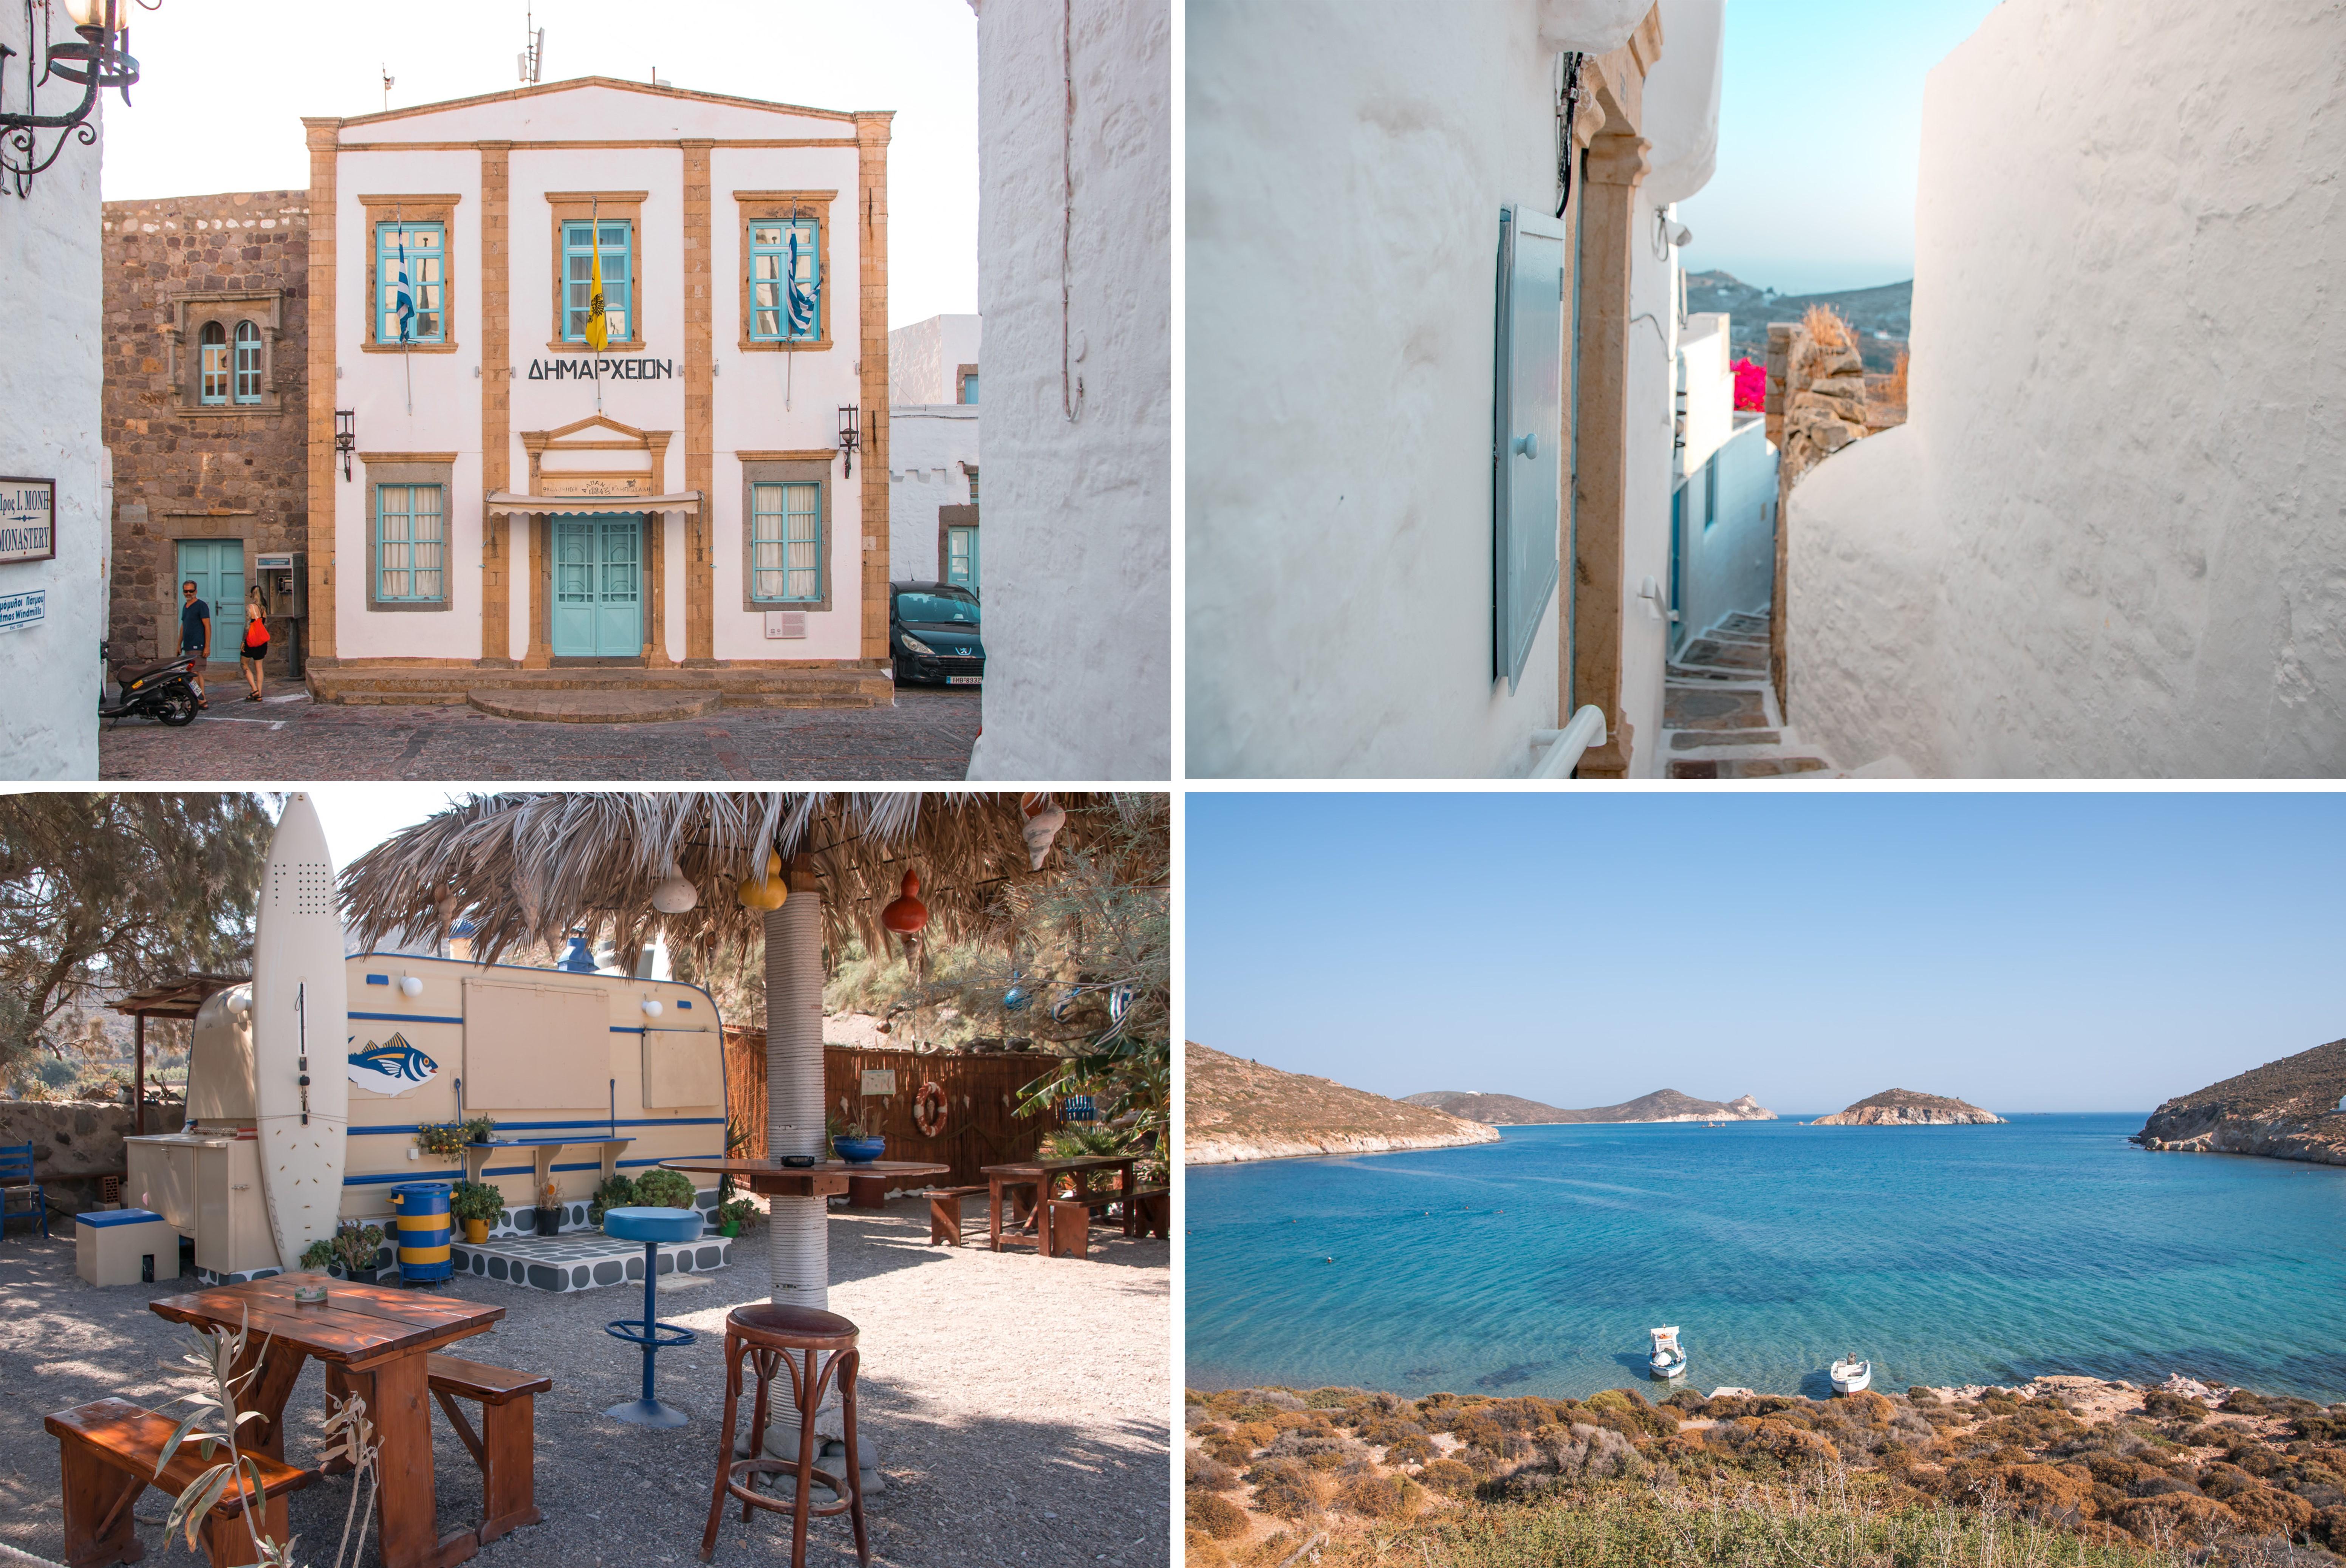 Inselhüpfen zur Insel Patmos - viel zu entdecken: Chora, alte Häuser, enge Gassen, Strandcantina, herrliches blaues Meer